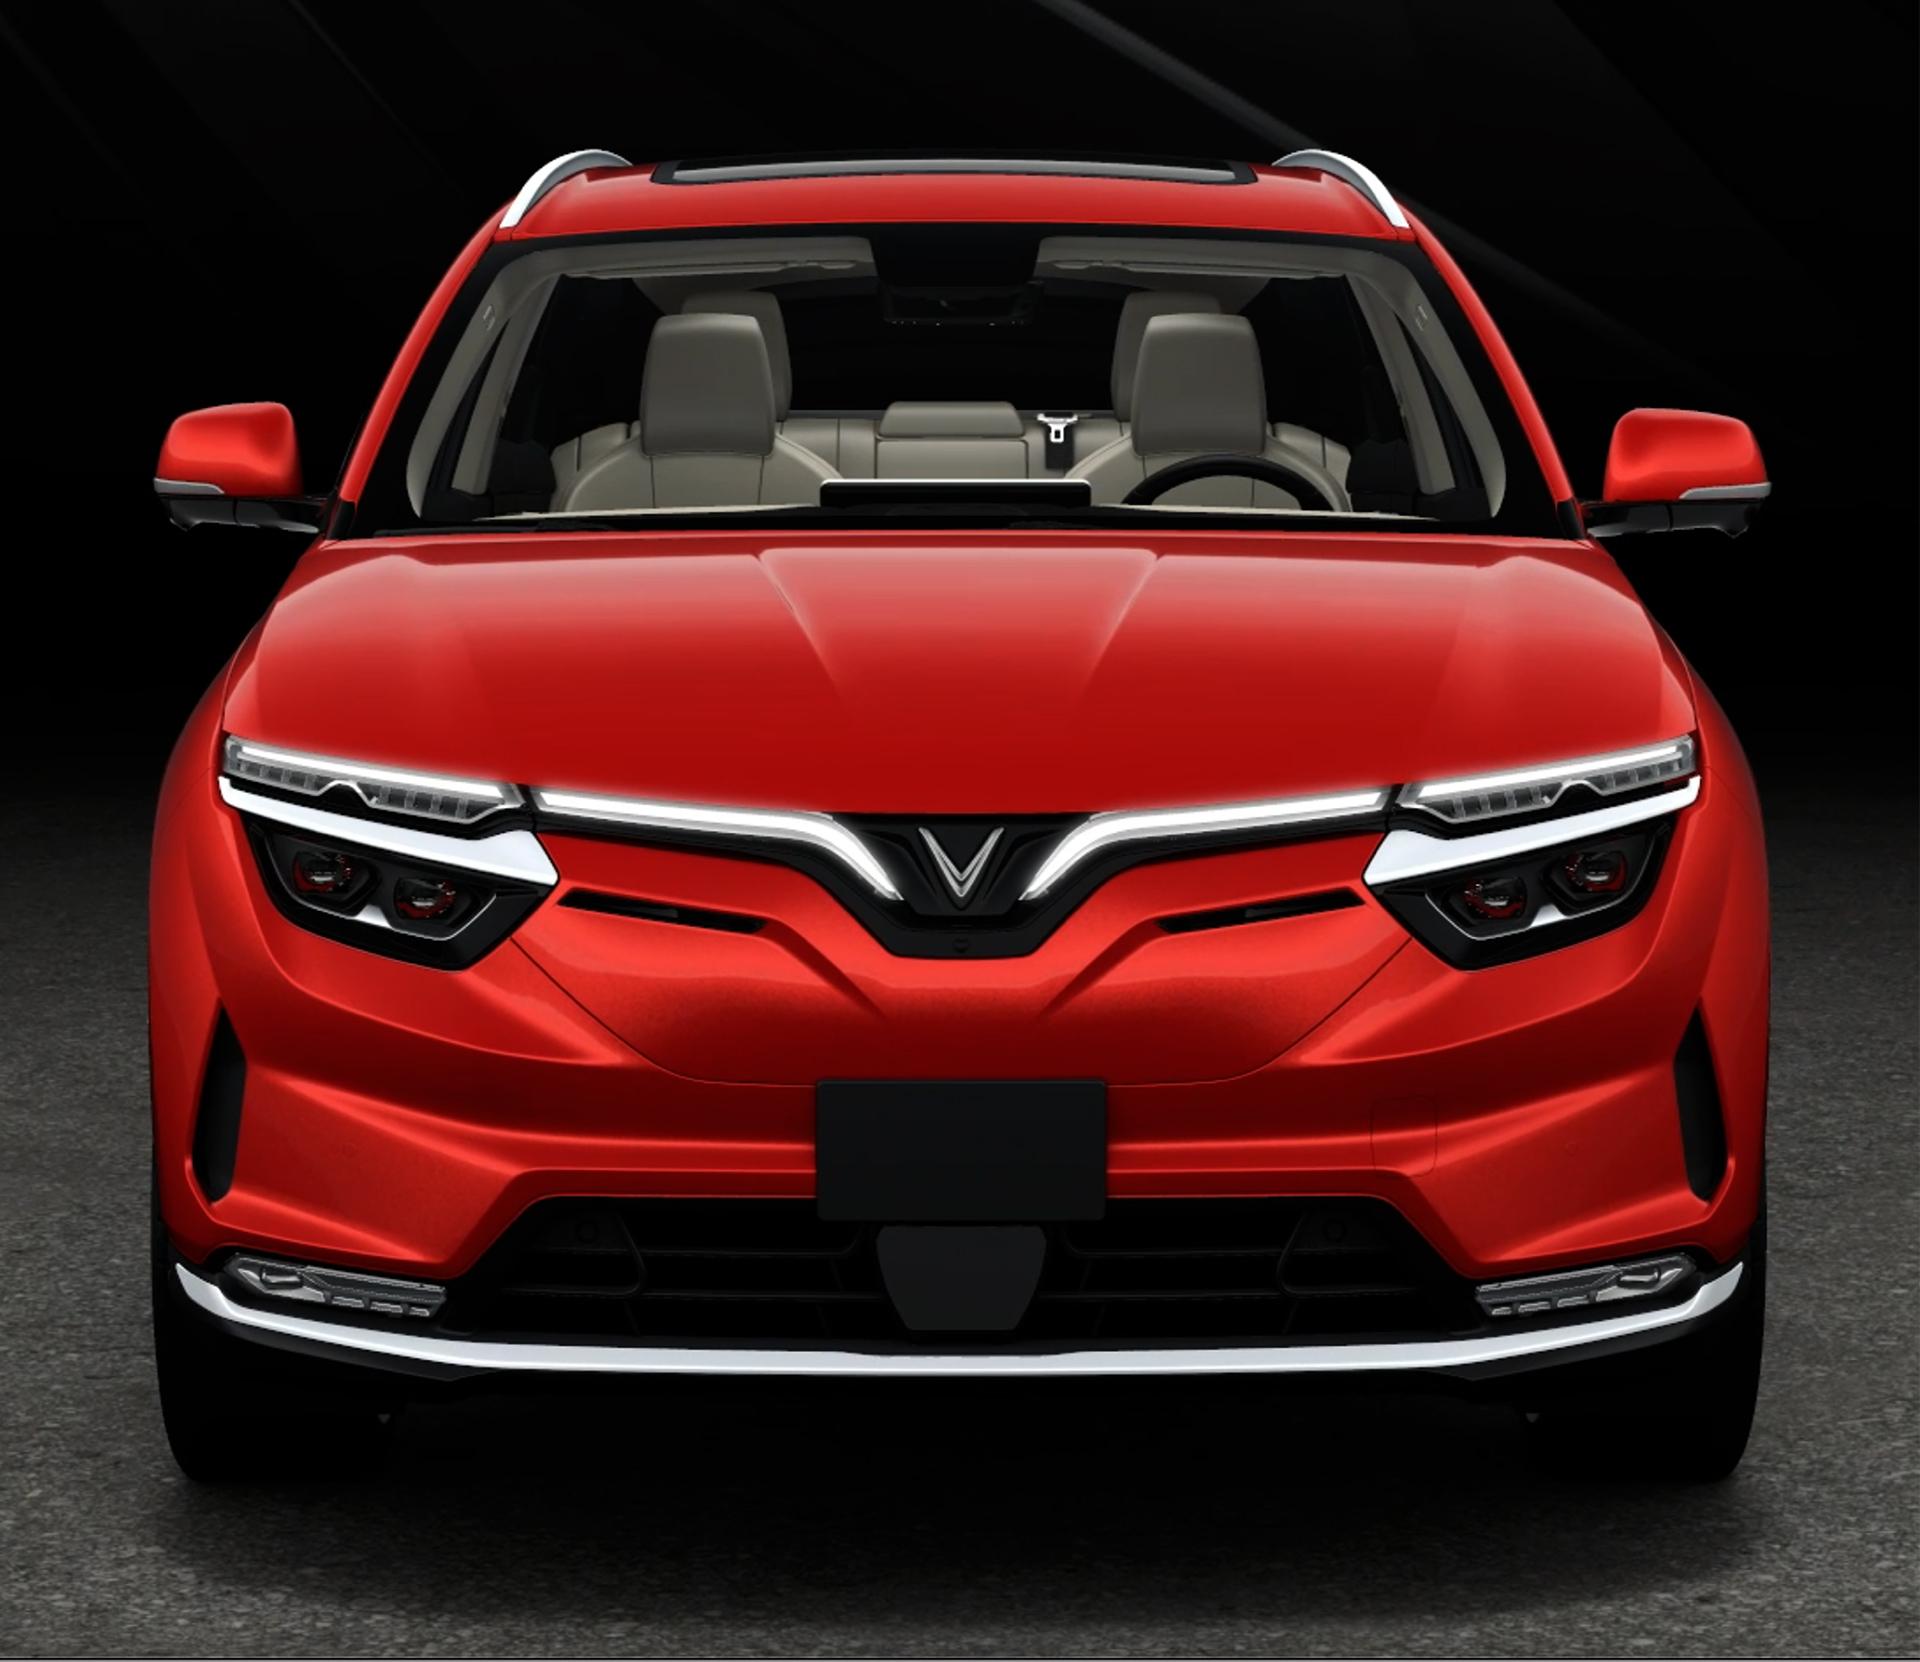 Ô tô điện VinFast có thể chạy 550 Km khi sạc đầy pin, thiết kế xe có gì đặc biệt? - Ảnh 5.